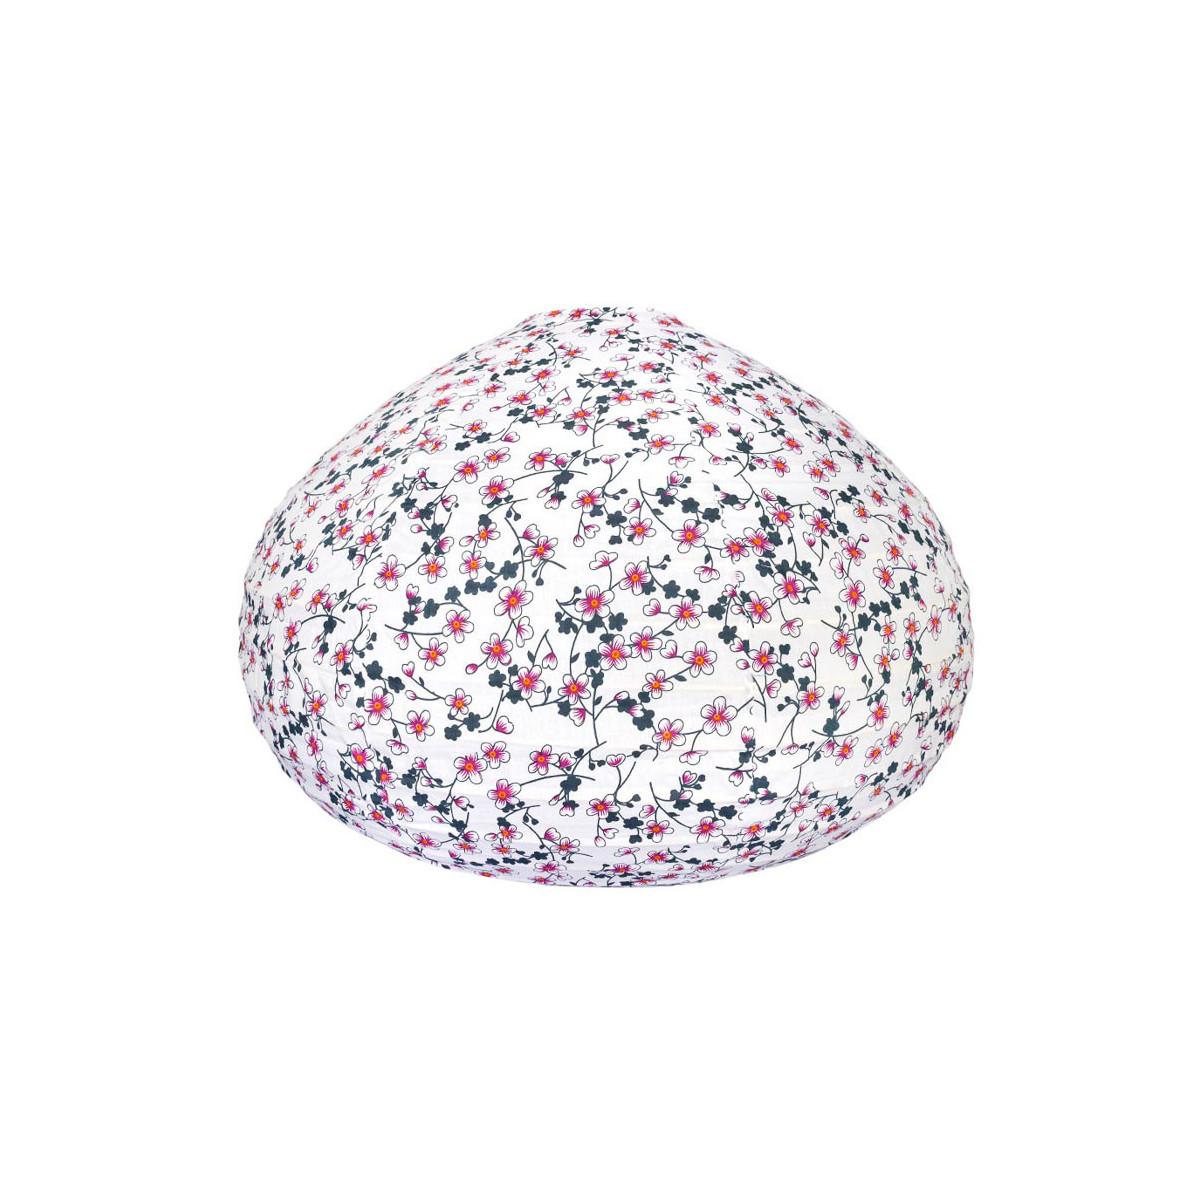 Lampion tissu boule japonaise goutte blanc et fleurs de cerisiers